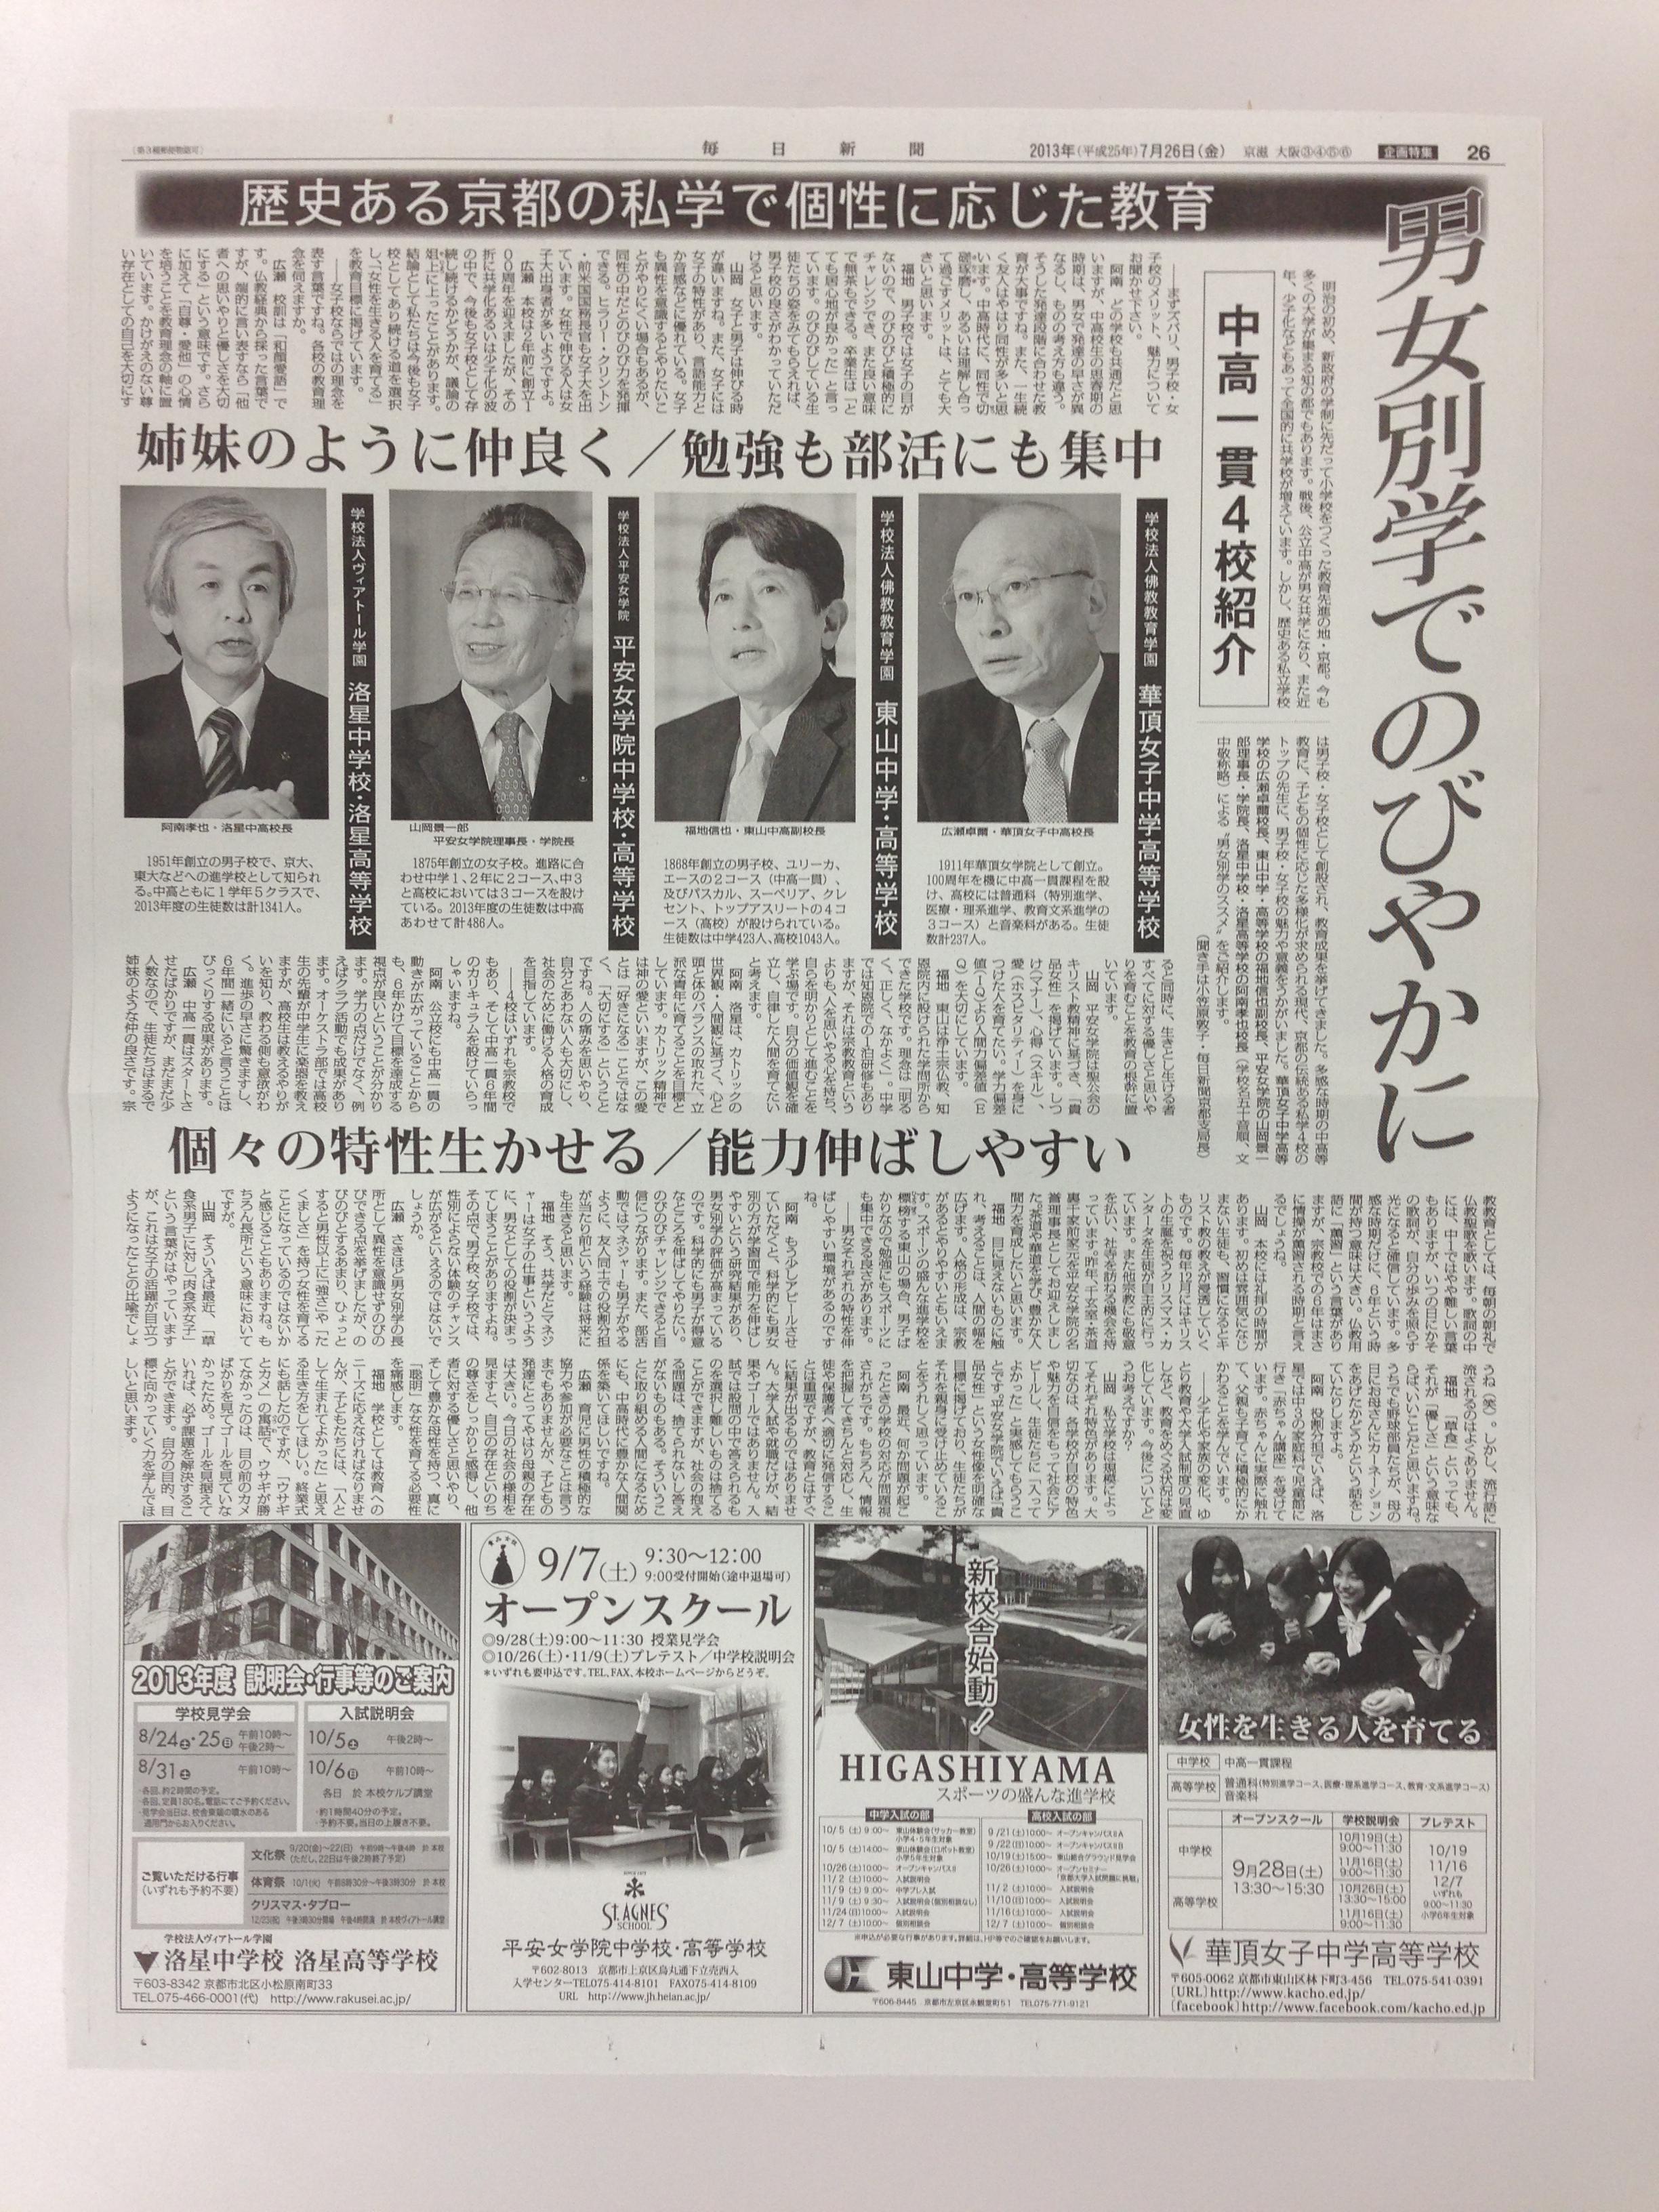 毎日新聞7月27日朝刊 男女別学でのびやかに   華頂女子高等学校